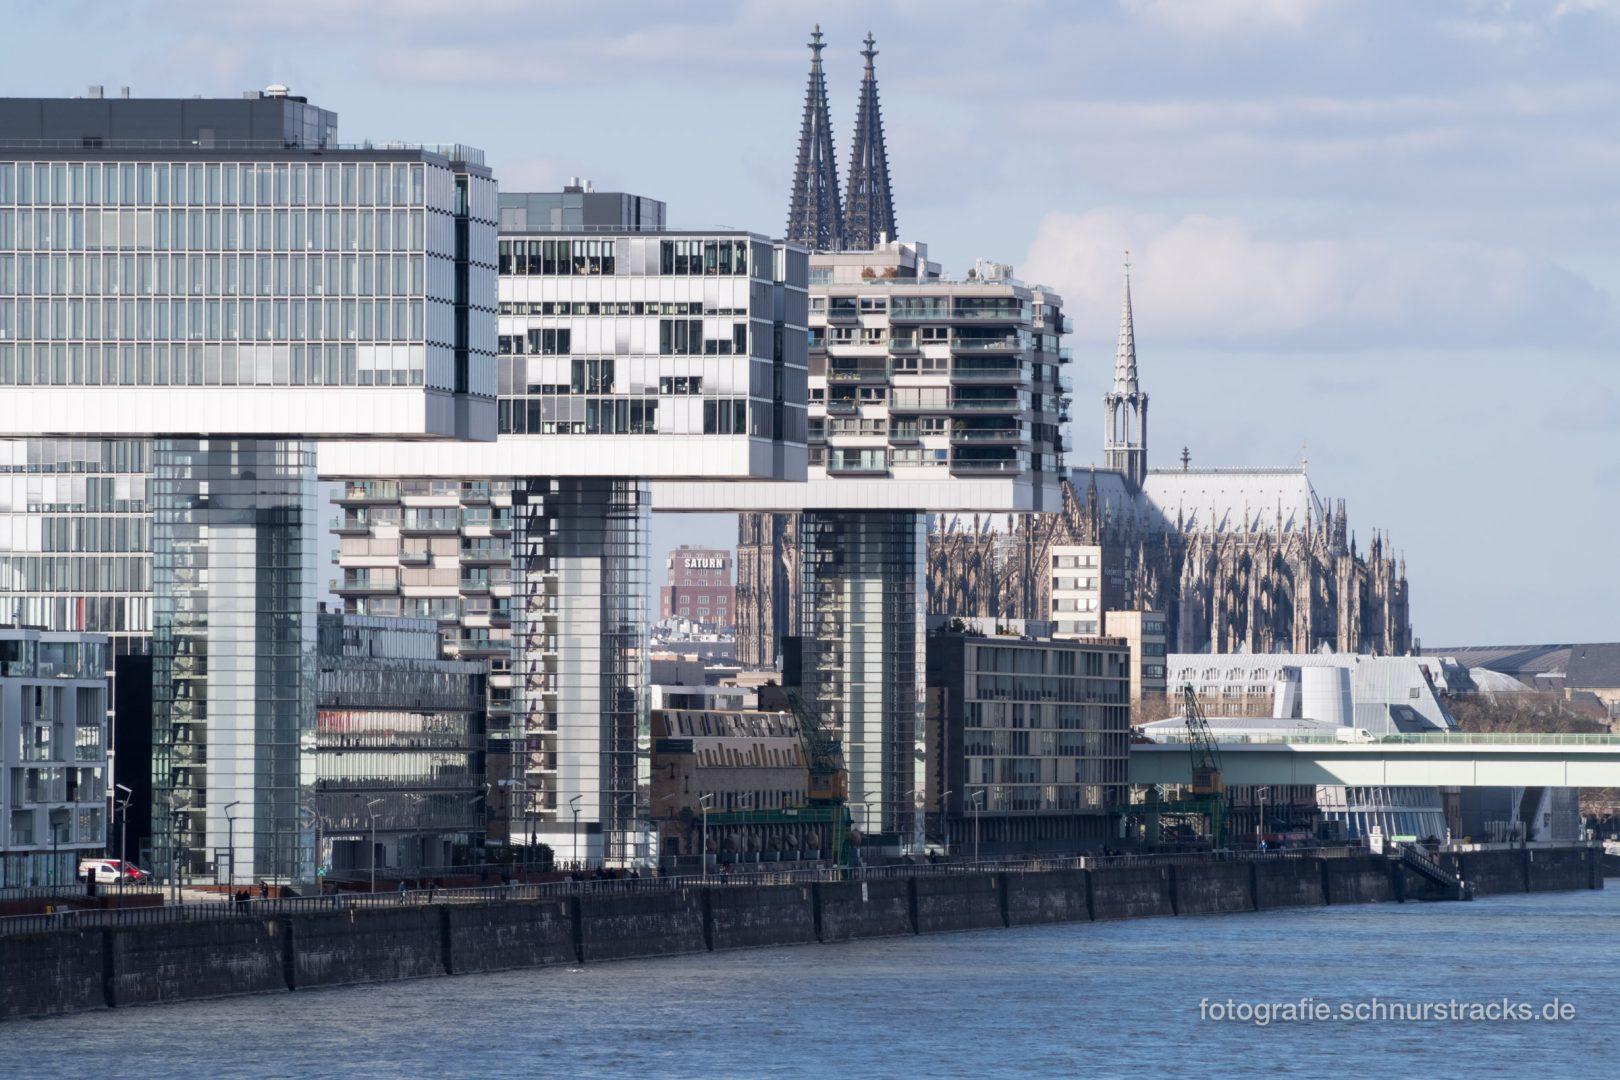 Kranhäuser am Rhein #0999